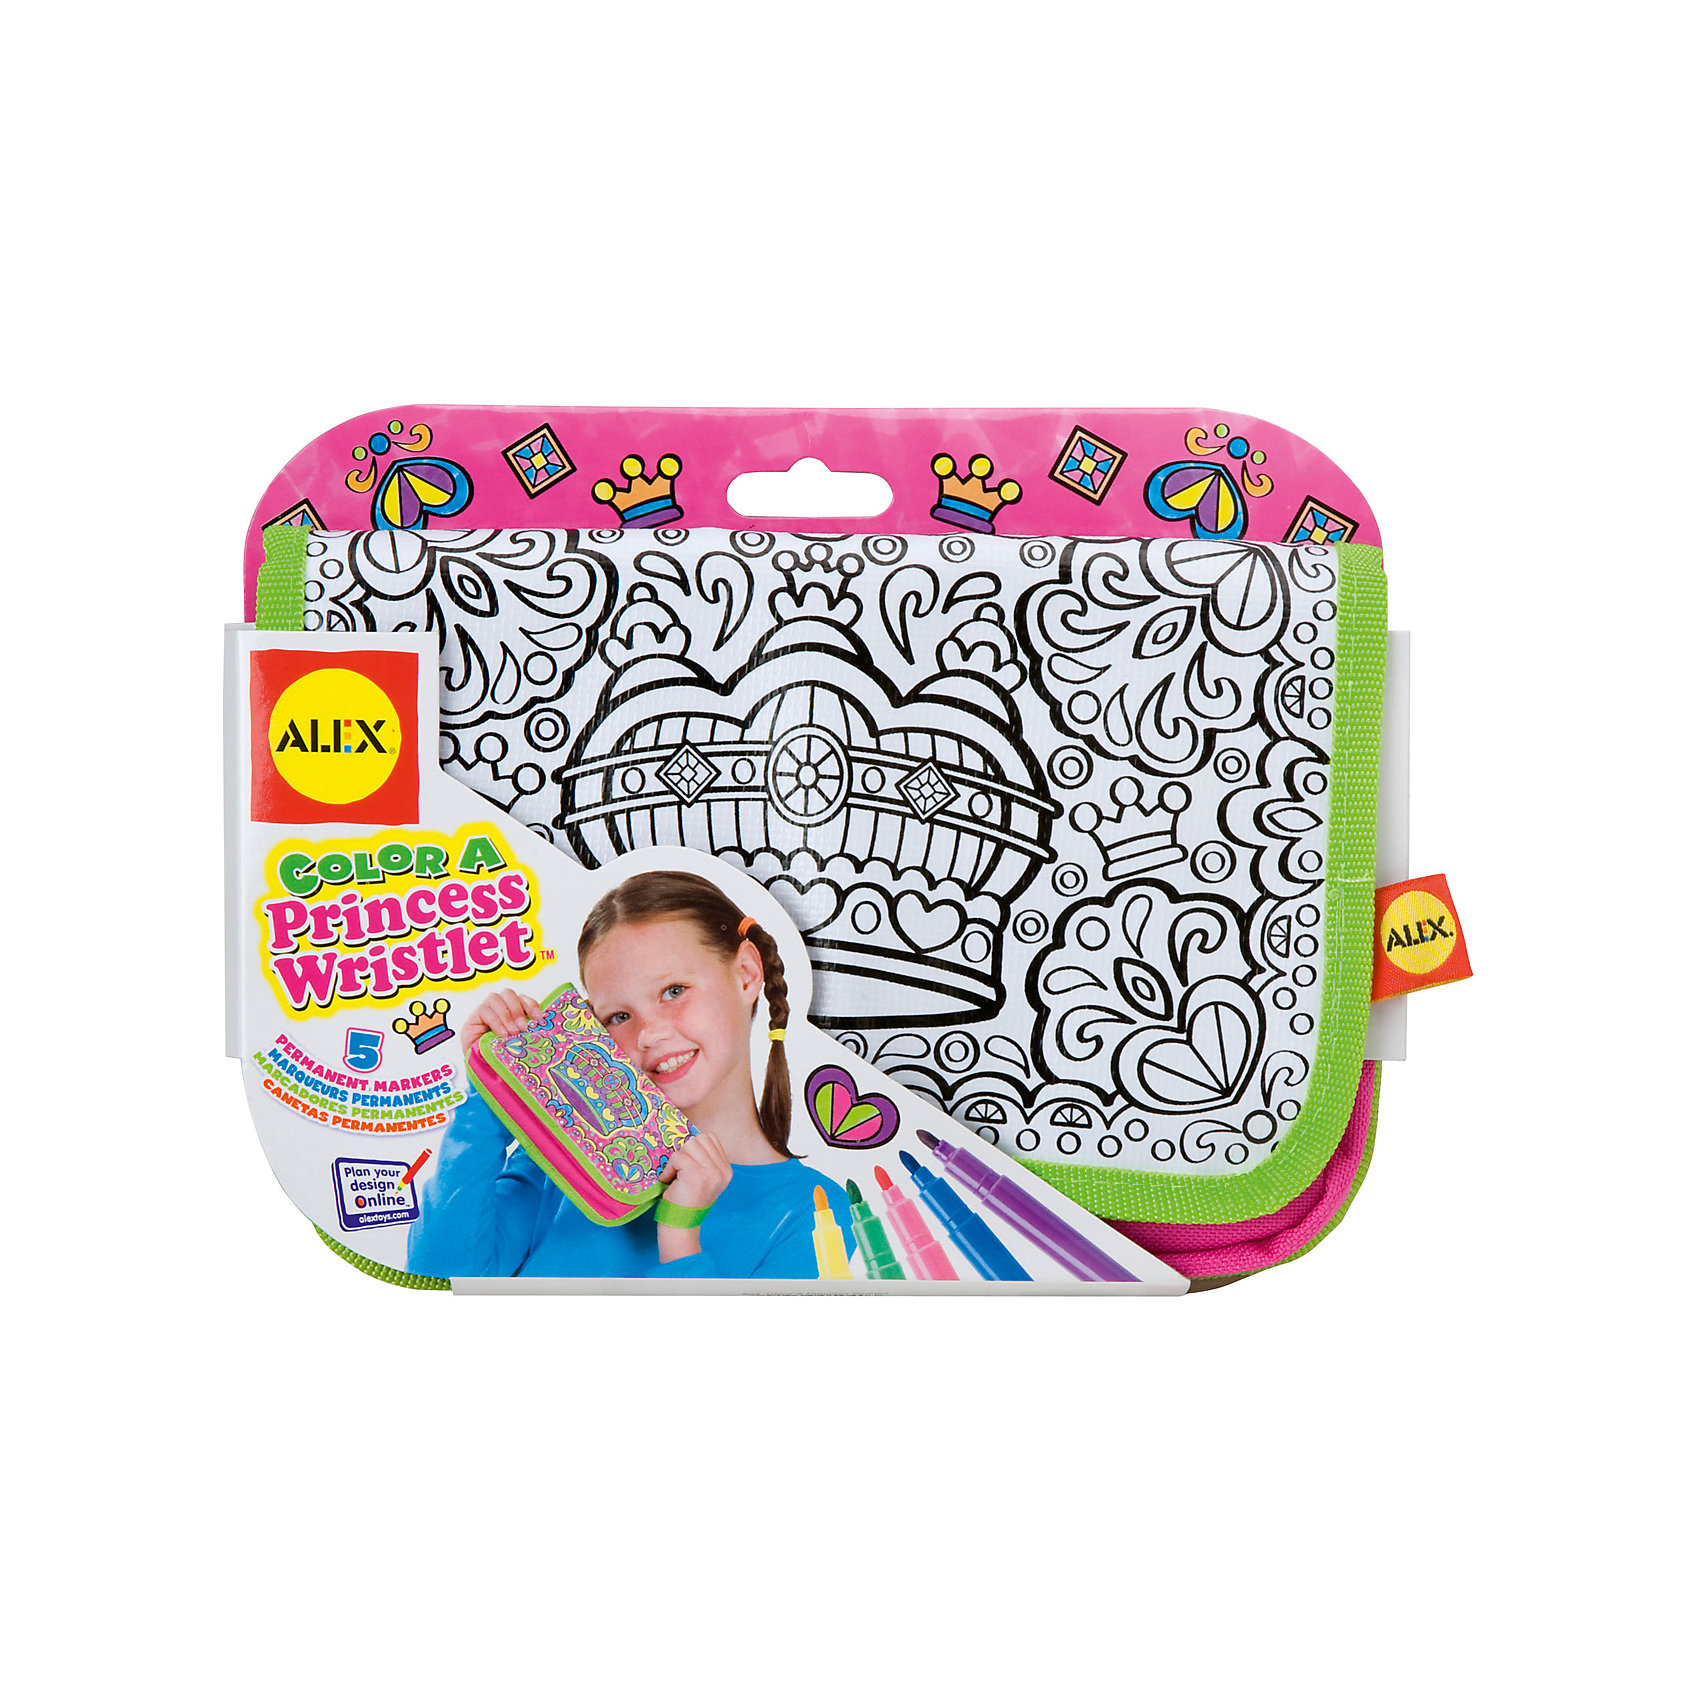 Набор Раскрась клатч для принцессы, ALEXНабор Раскрась клатч для принцессы, ALEX (АЛЕКС) – это набор для создания эксклюзивного модного аксессуара своими руками.<br>Набор Раскрась клатч для принцессы – это увлекательный набор, который позволит вашей малышке собственными руками создать уникальный клатч. Благодаря несмываемым фломастерам девочка раскрасит сумочку по своему вкусу, сделать это очень легко, так как на гладкой белой поверхности уже нанесен черный контур орнамента с короной посередине. Такая сумочка станет прекрасным дополнением к любой одежде вашей маленькой модницы или послужит отличным подарком любимой подружке!<br><br>Дополнительная информация:<br><br>- В наборе: 5 несмываемых фломастеров; сумочка-клатч из плотной ткани с орнаментом для раскрашивания<br>- Размер клатча: 21,5x13,9x3,8 см.<br>- Материал клатча: текстиль<br>- Размеры упаковки: 22,9х3,1х17,1 см.<br>- Вес: 181 гр.<br><br>Набор Раскрась клатч для принцессы, ALEX (АЛЕКС) можно купить в нашем интернет-магазине.<br><br>Ширина мм: 229<br>Глубина мм: 31<br>Высота мм: 171<br>Вес г: 181<br>Возраст от месяцев: 84<br>Возраст до месяцев: 120<br>Пол: Женский<br>Возраст: Детский<br>SKU: 4556951